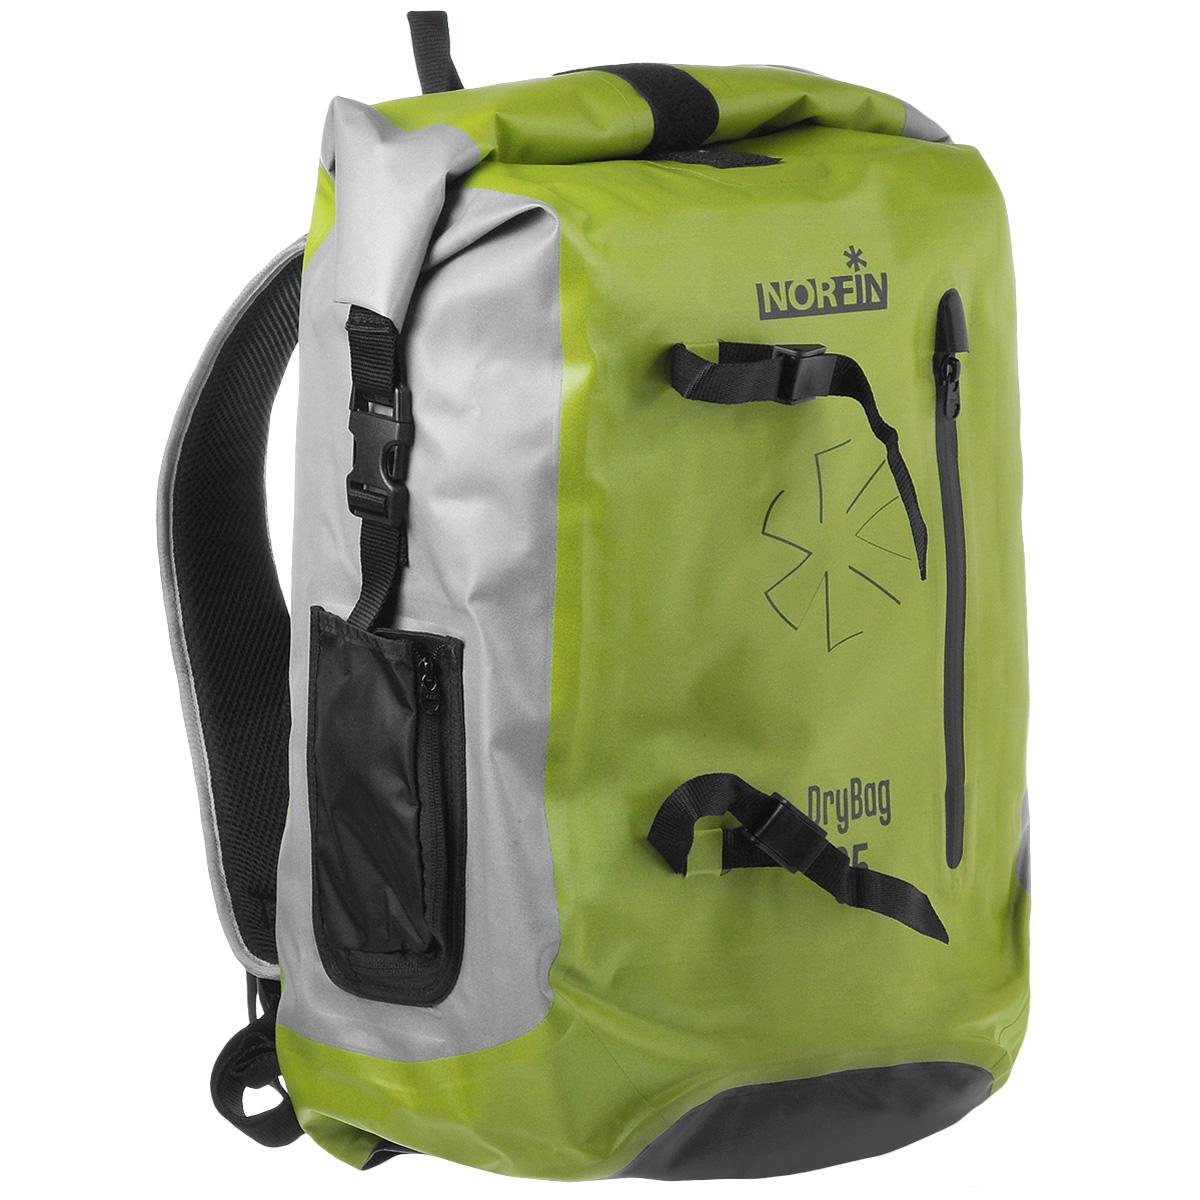 Рюкзак городской Norfin Dry Bag, цвет: серый, неоновый желтый, 35 лNF-40303Водонепроницаемый рюкзак Norfin Dry Bag со сворачивающимся верхом. Благодаря многофункциональности данный рюкзак позволяет удобно и легко укладывать свои вещи.Особенности рюкзака:Подвесная система c пятью рабочими зонами, обтянута сеткой Air MeshАнатомические лямки. Слой пены и сетки Air Mesh для мягкости и вентиляцииОдно внутреннее отделение, два внутренникх кармана на молнииФронтальный карман на молнииВодонепроницаемые молнииДва боковых кармана, меняющих объемГрудная стяжка Швы проклеены.